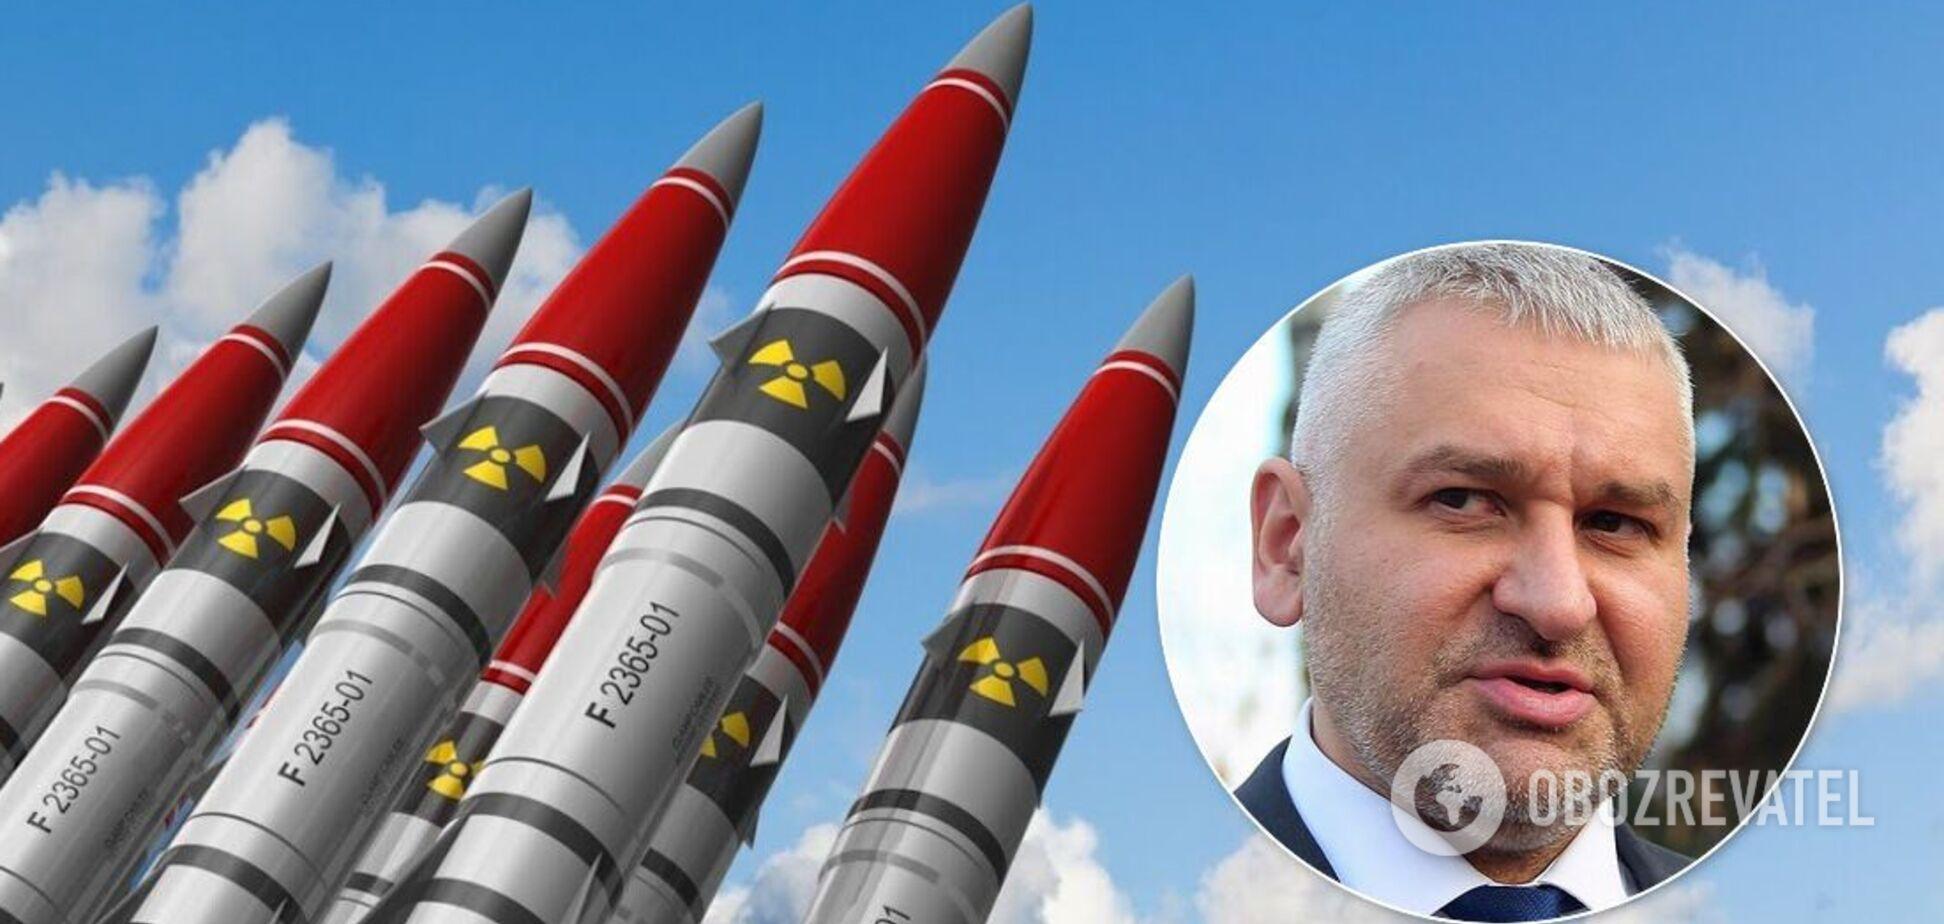 Марк Фейгін запропонував Україні повернути собі ядерний статус